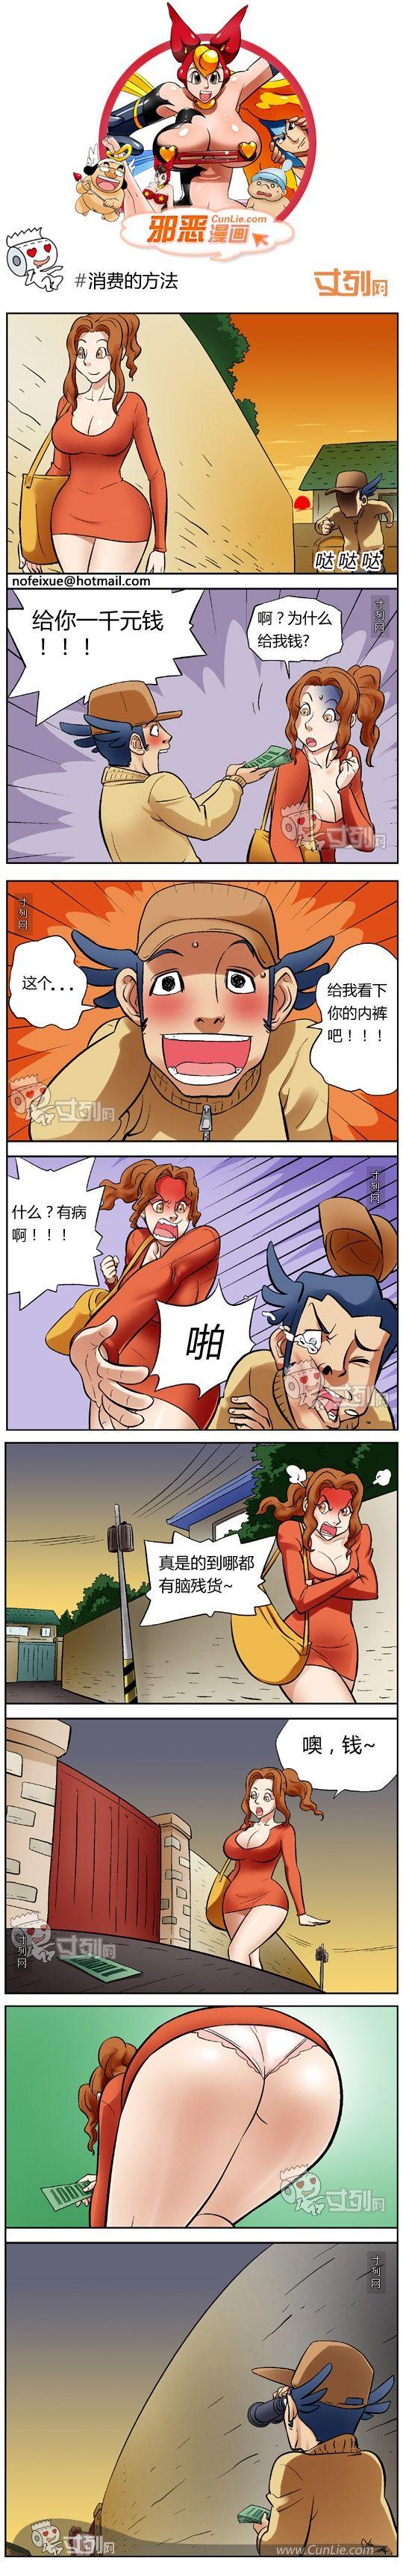 日本爆笑漫画之消费的方法